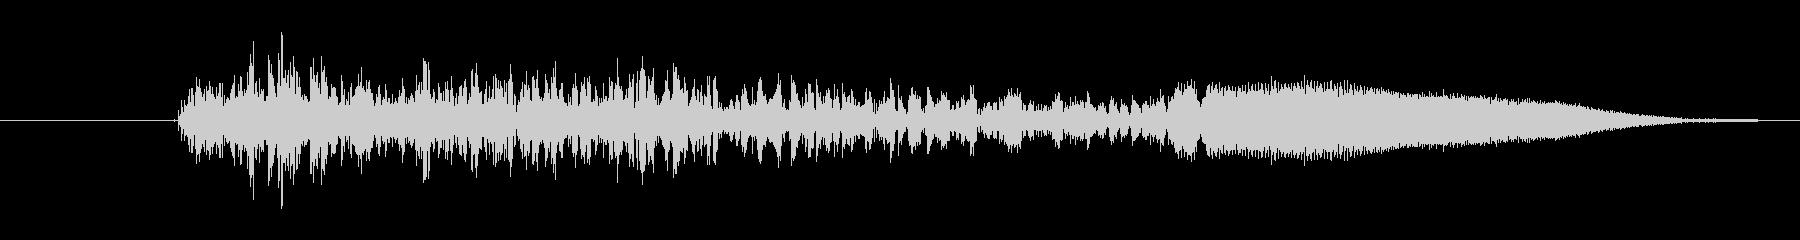 鳴き声 リトルガールスノート07の未再生の波形